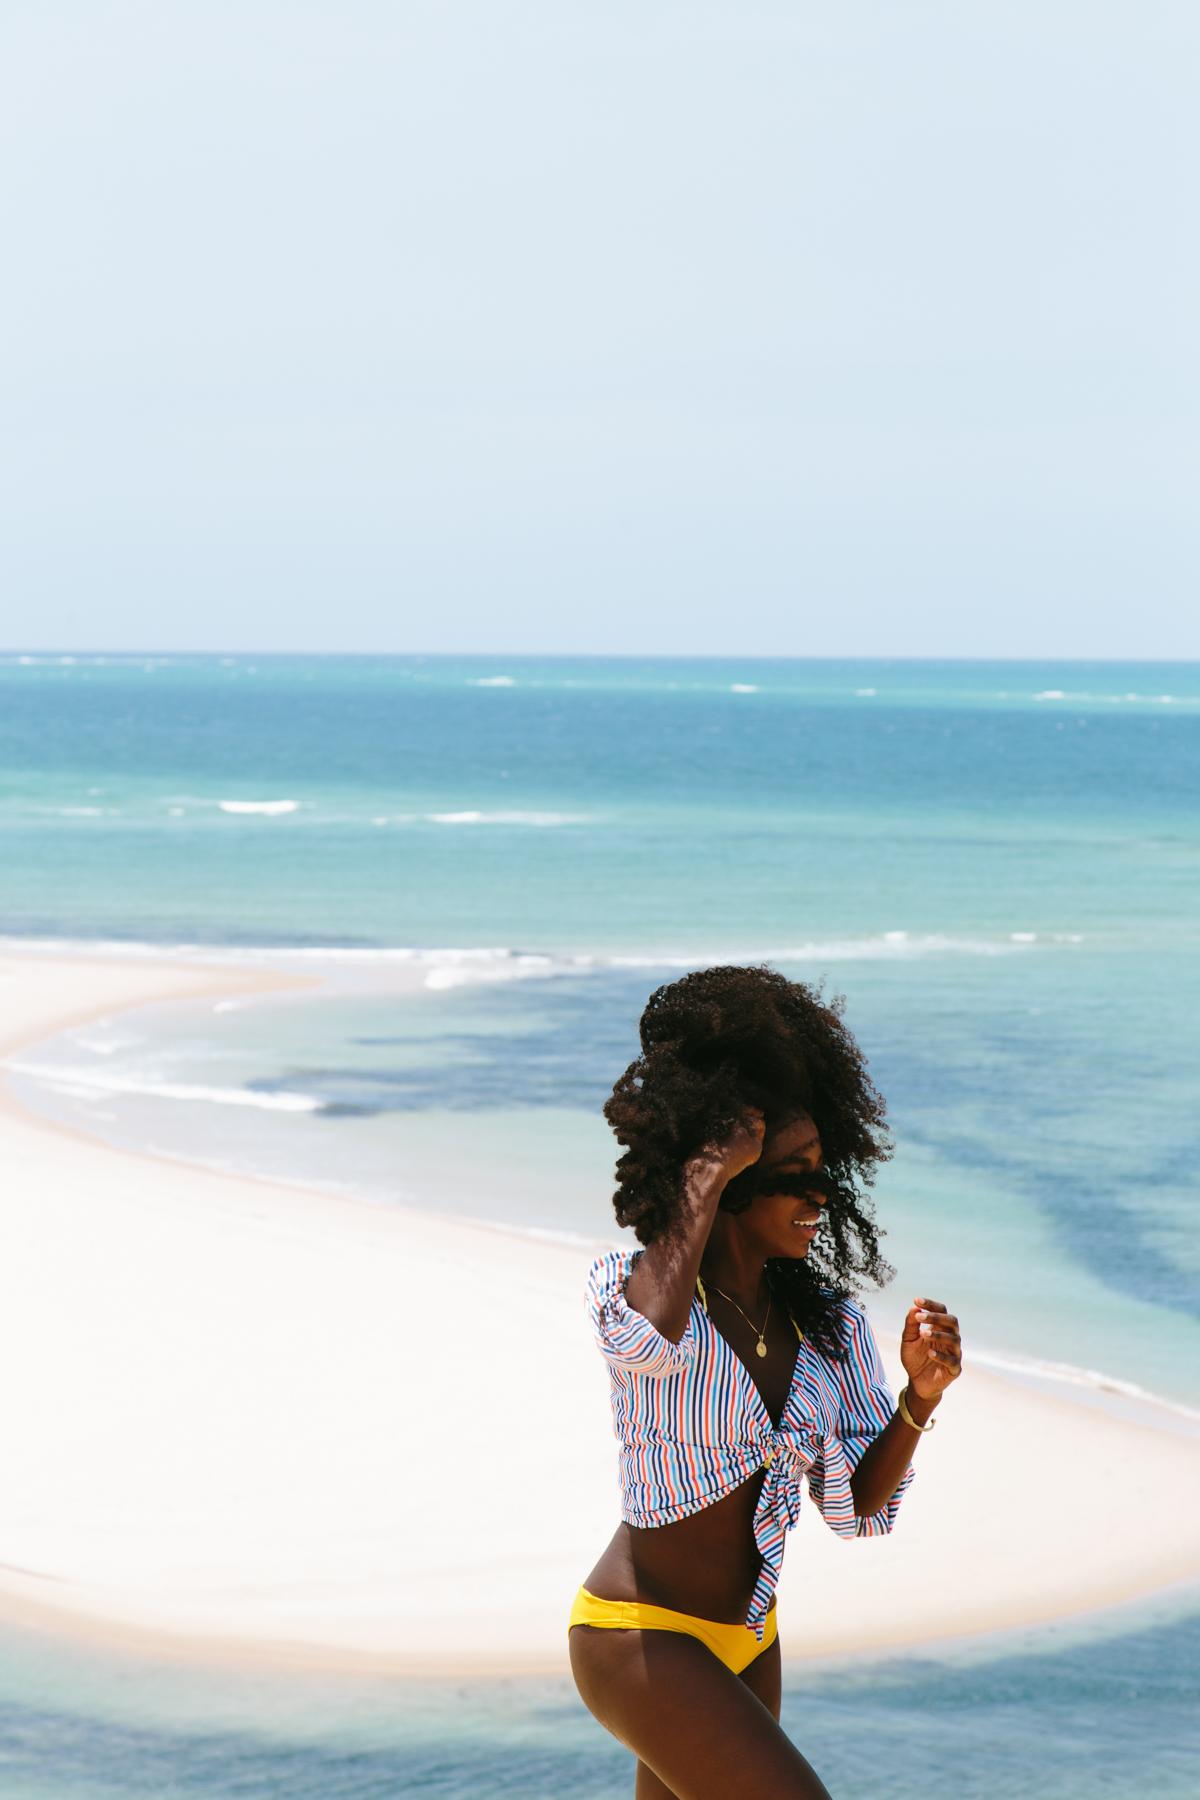 Spiritedpursuit_leelitumbe_mozambique_bazarutoarchipelago-246.jpg